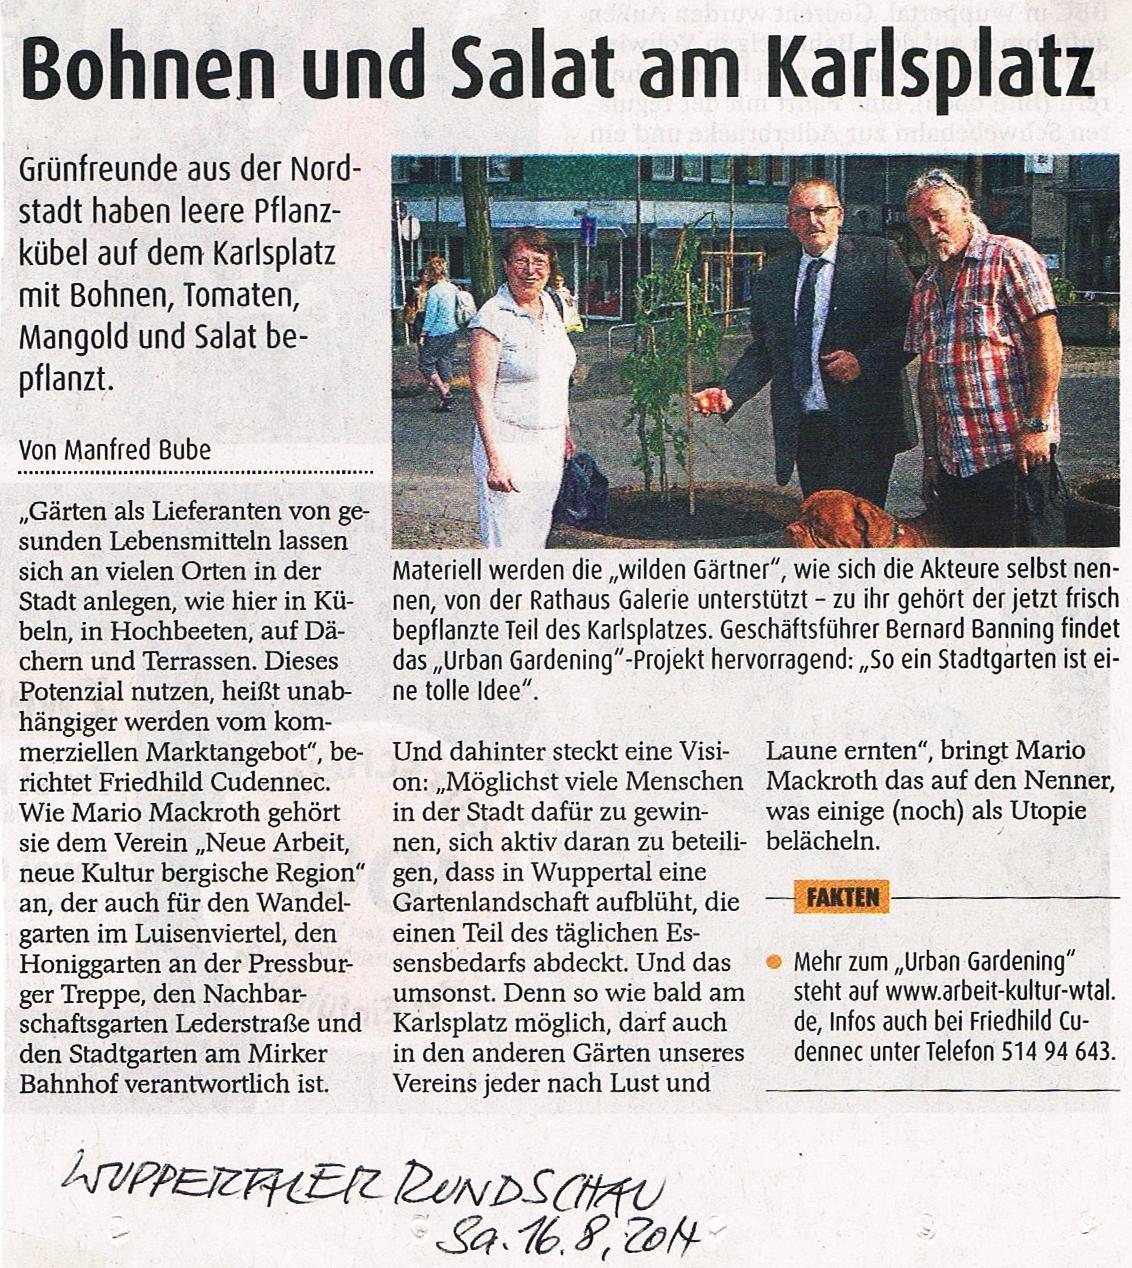 Karlsplatz Gemeinschaftsgarten Wuppertaler Rundschau 16_08_2014 001